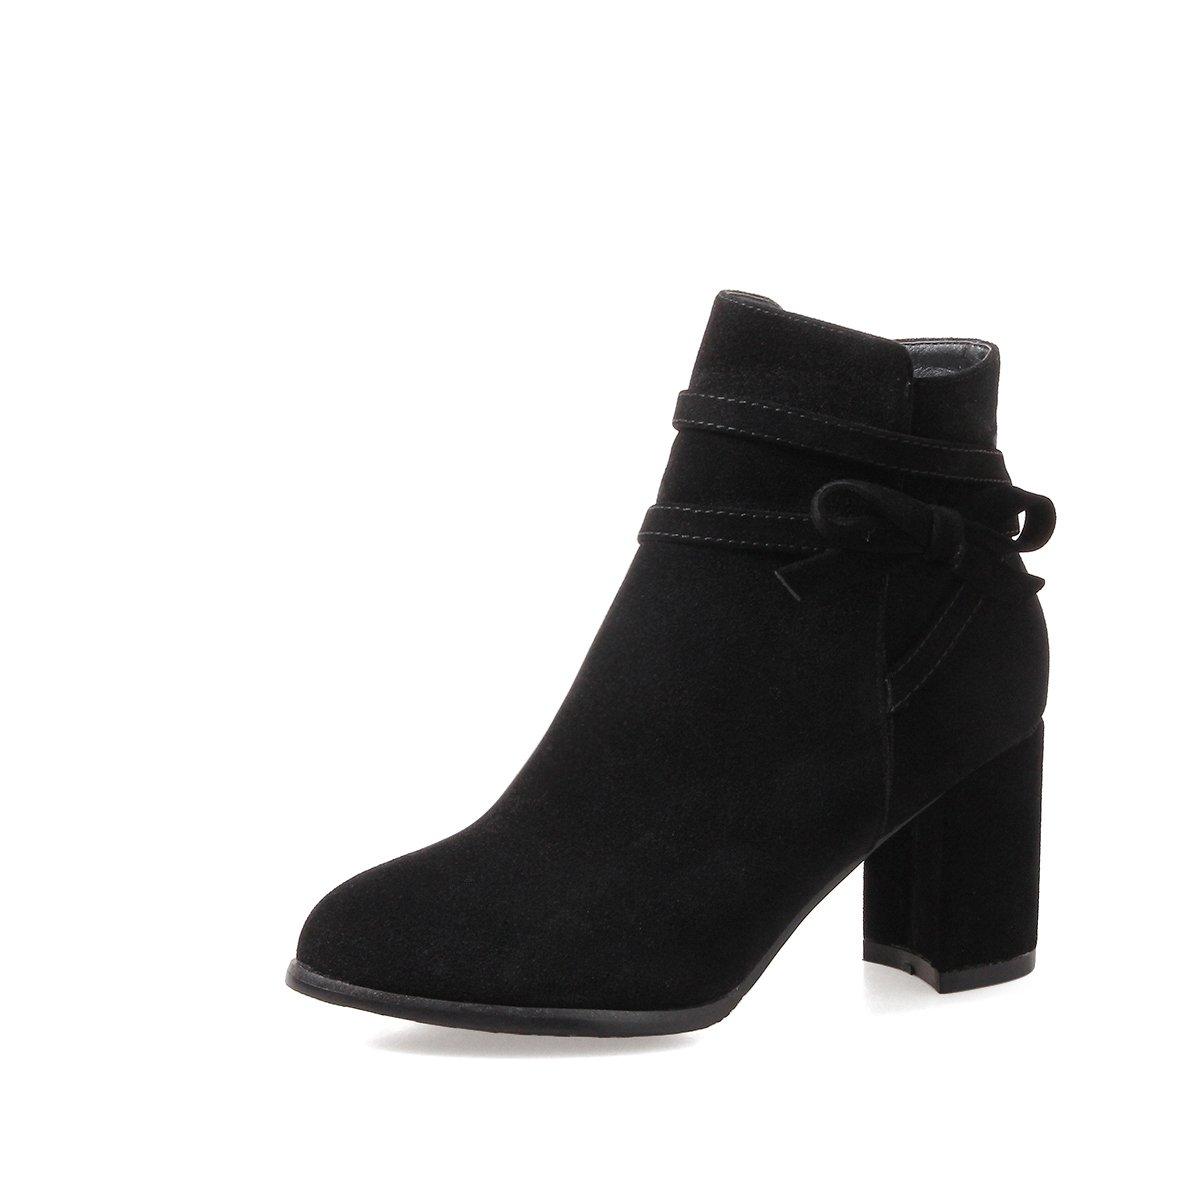 AGECC Damen Damen Winter Winter Hochhackige Stiefel Schuhe koreanische All-Match-Stiefel Martin Stiefel mit dicken Stiefeln und einzelnem Glück für Sie